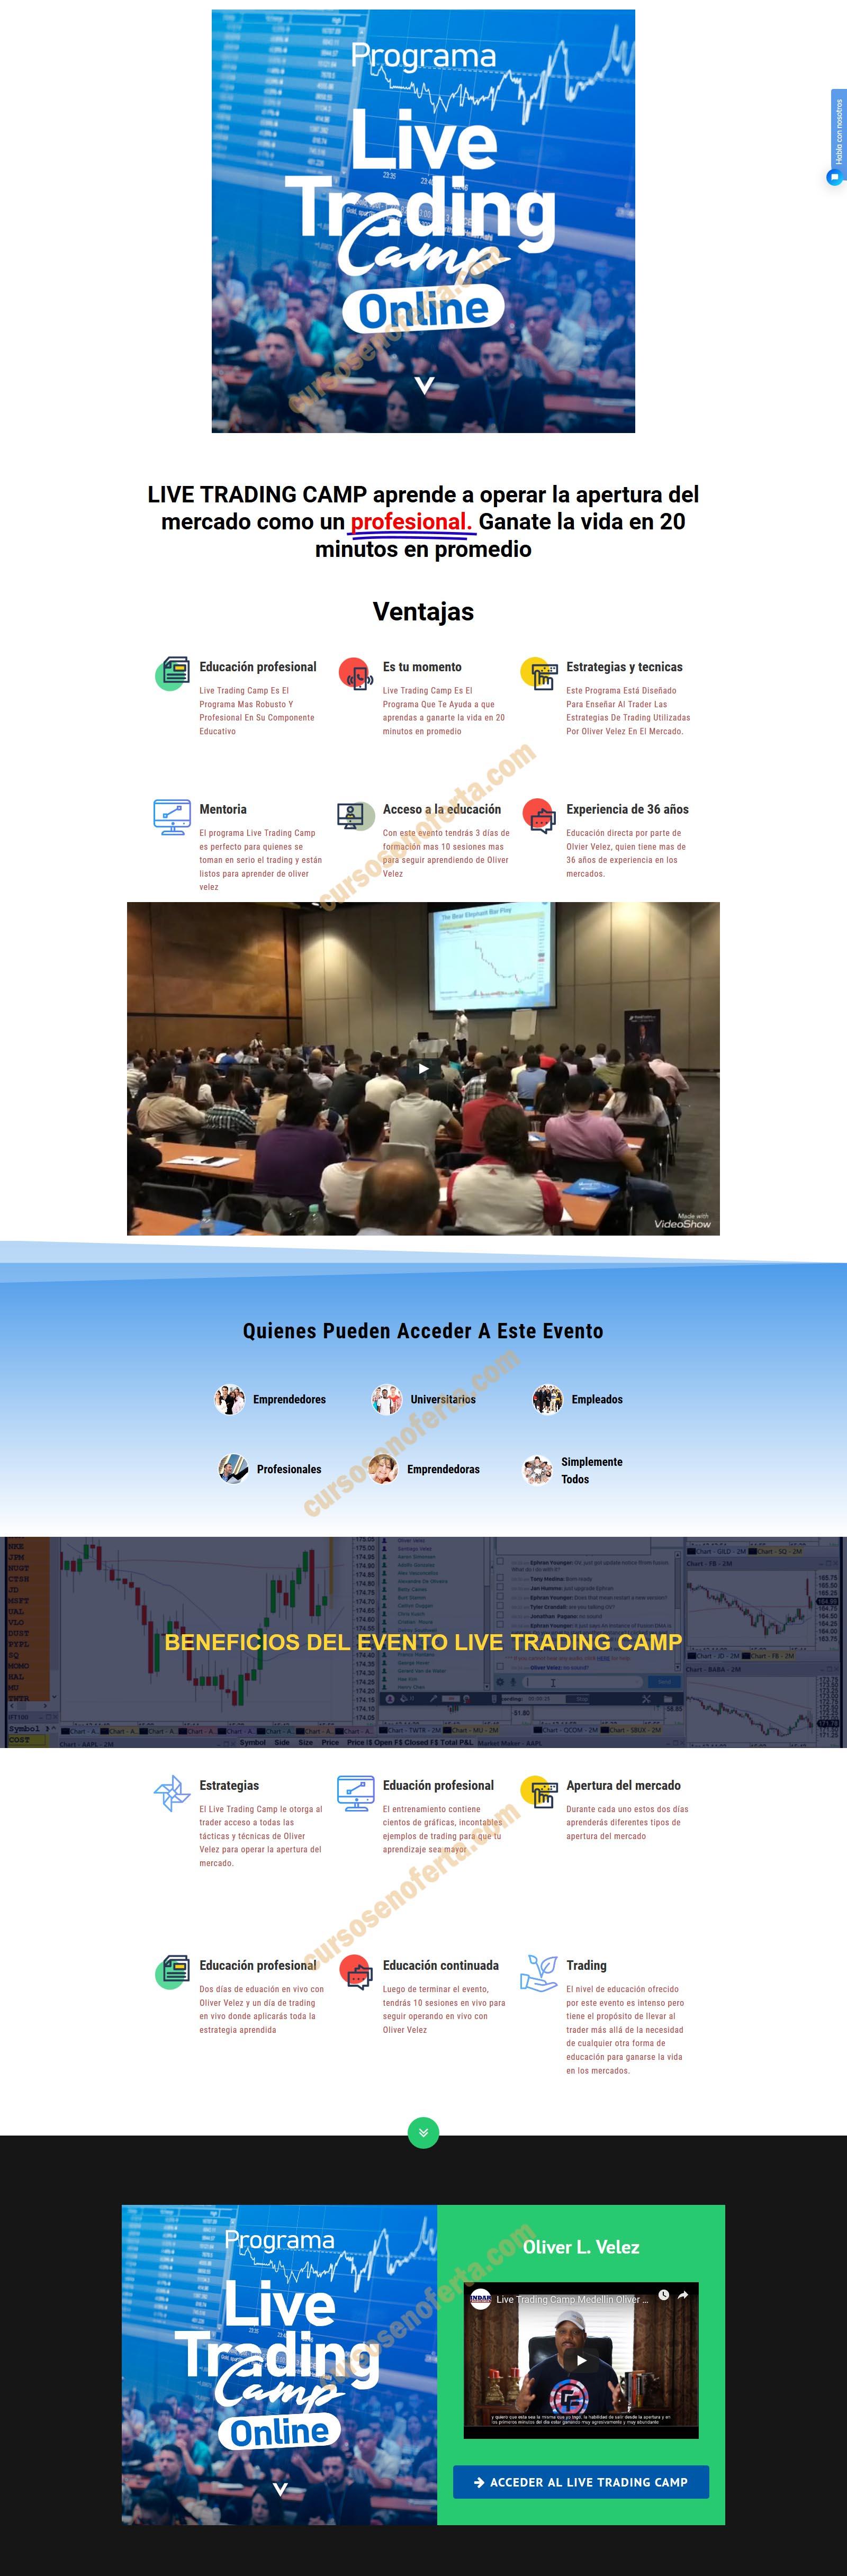 Live Trading Campo con Oliver Velez